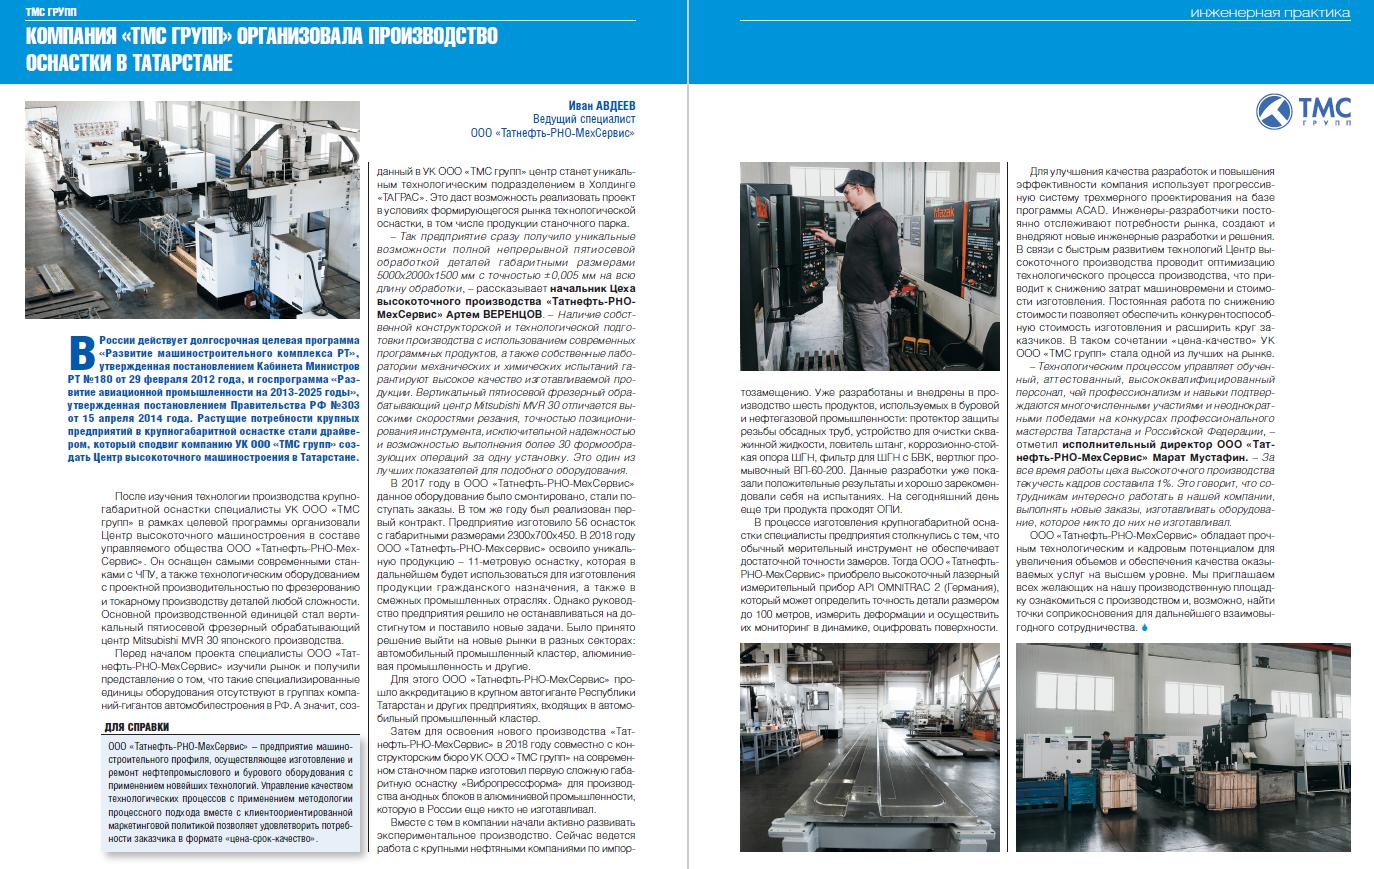 23497 Компания «ТМС групп» организовала производство оснастки в Татарстане